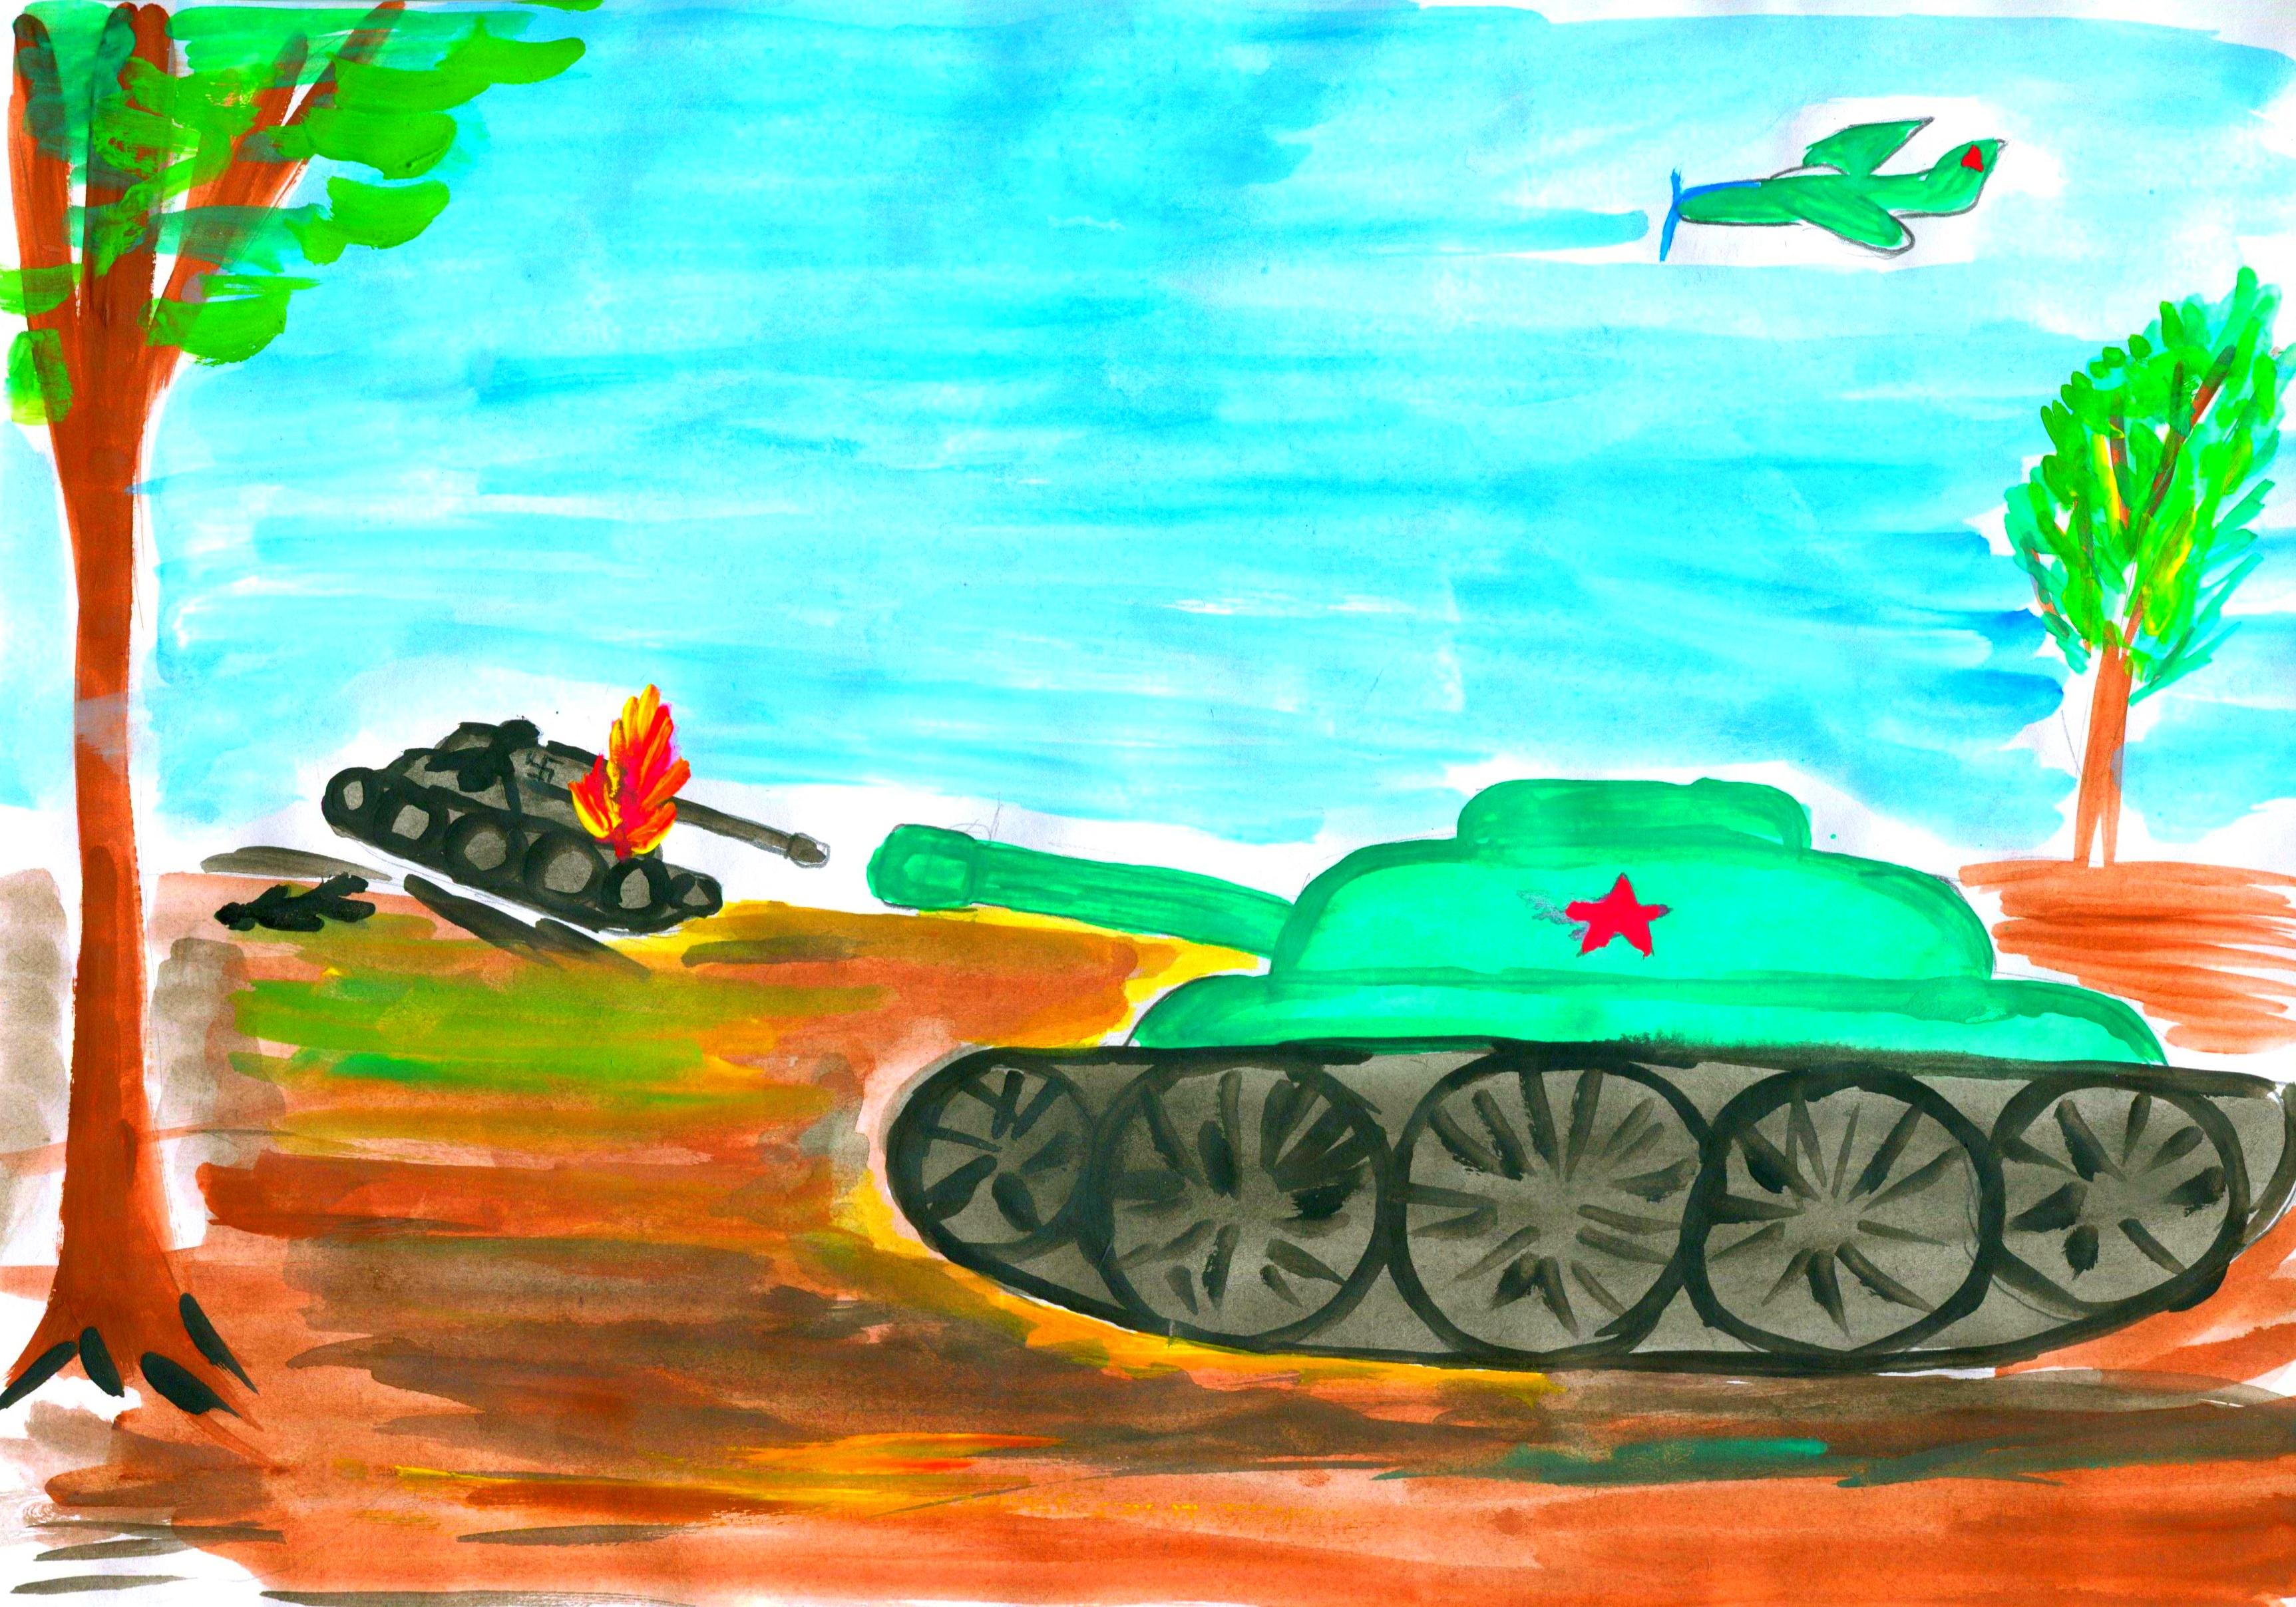 Картинка детям о войне, картинки